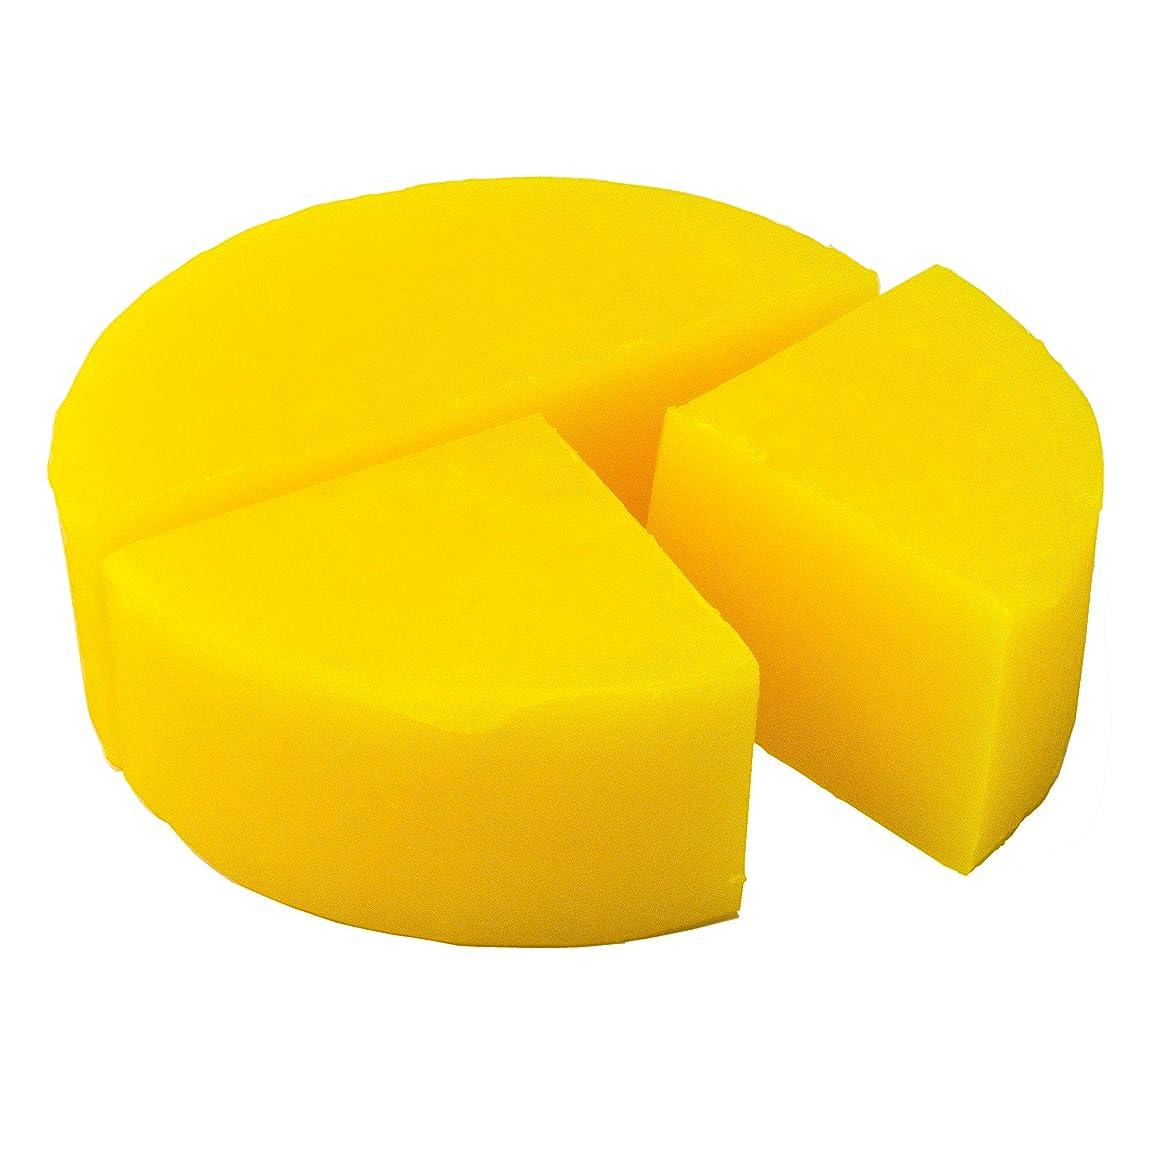 略奪アルプス活性化するグリセリン クリアソープ 色チップ 黄 100g (MPソープ)